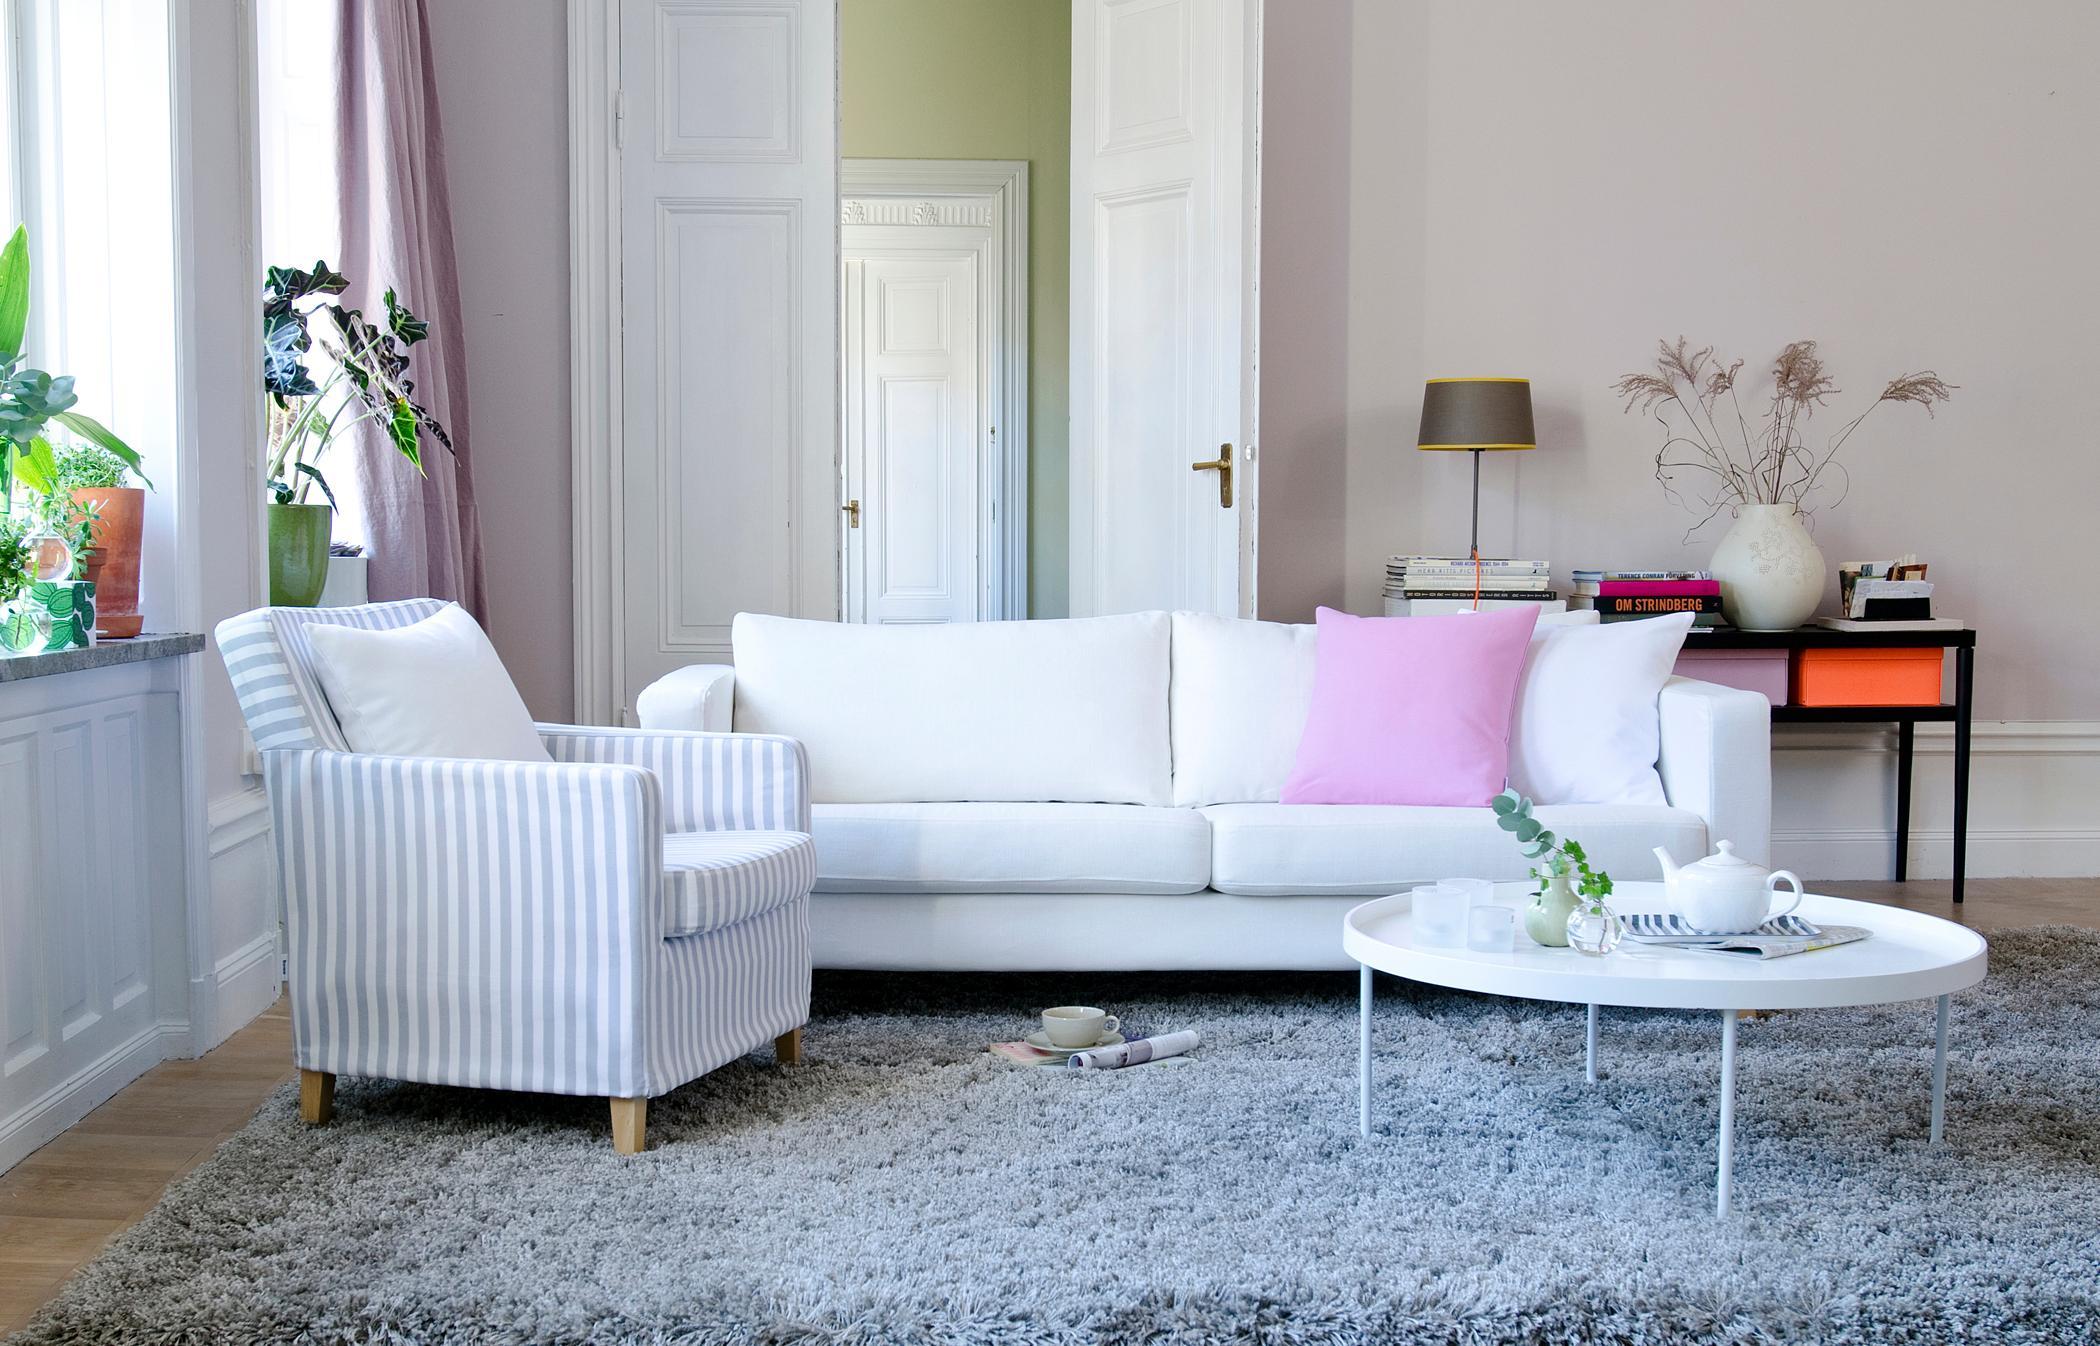 Wohnzimmer Feminin Einrichten Couchtisch Teppich Sessel Flgeltr Sofa Weissercouchtisch